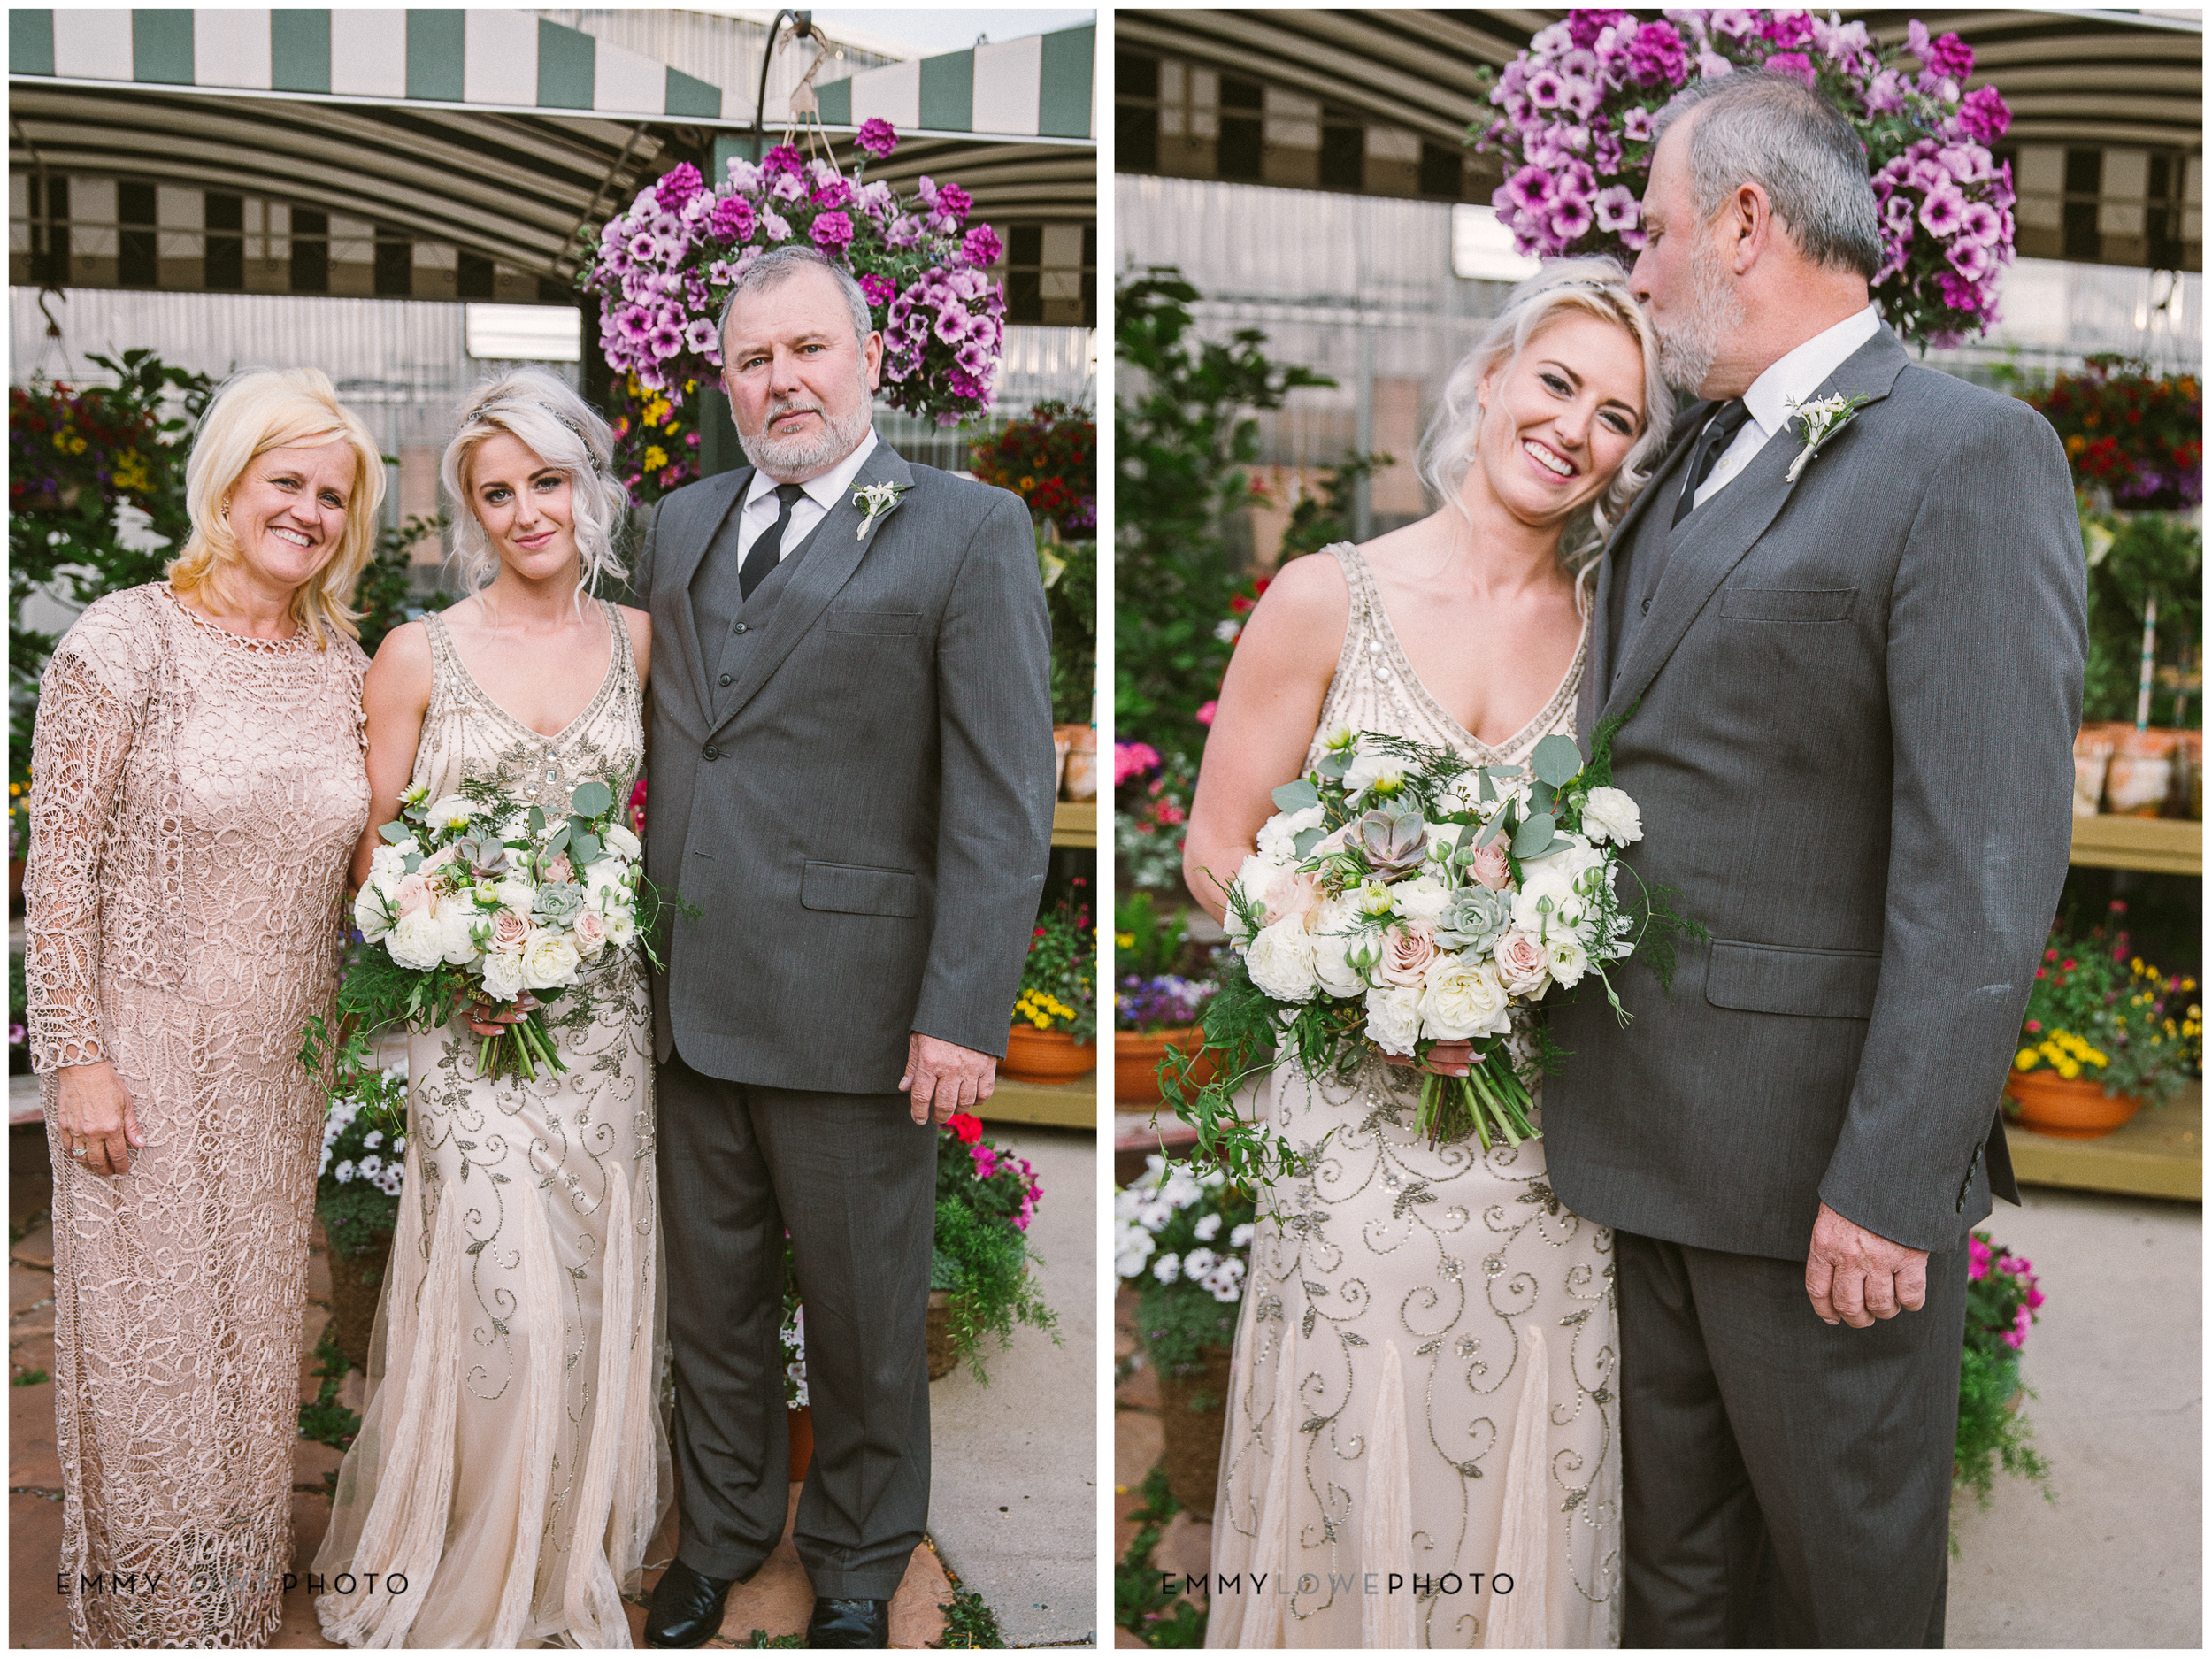 H.E.Wedding15.jpg